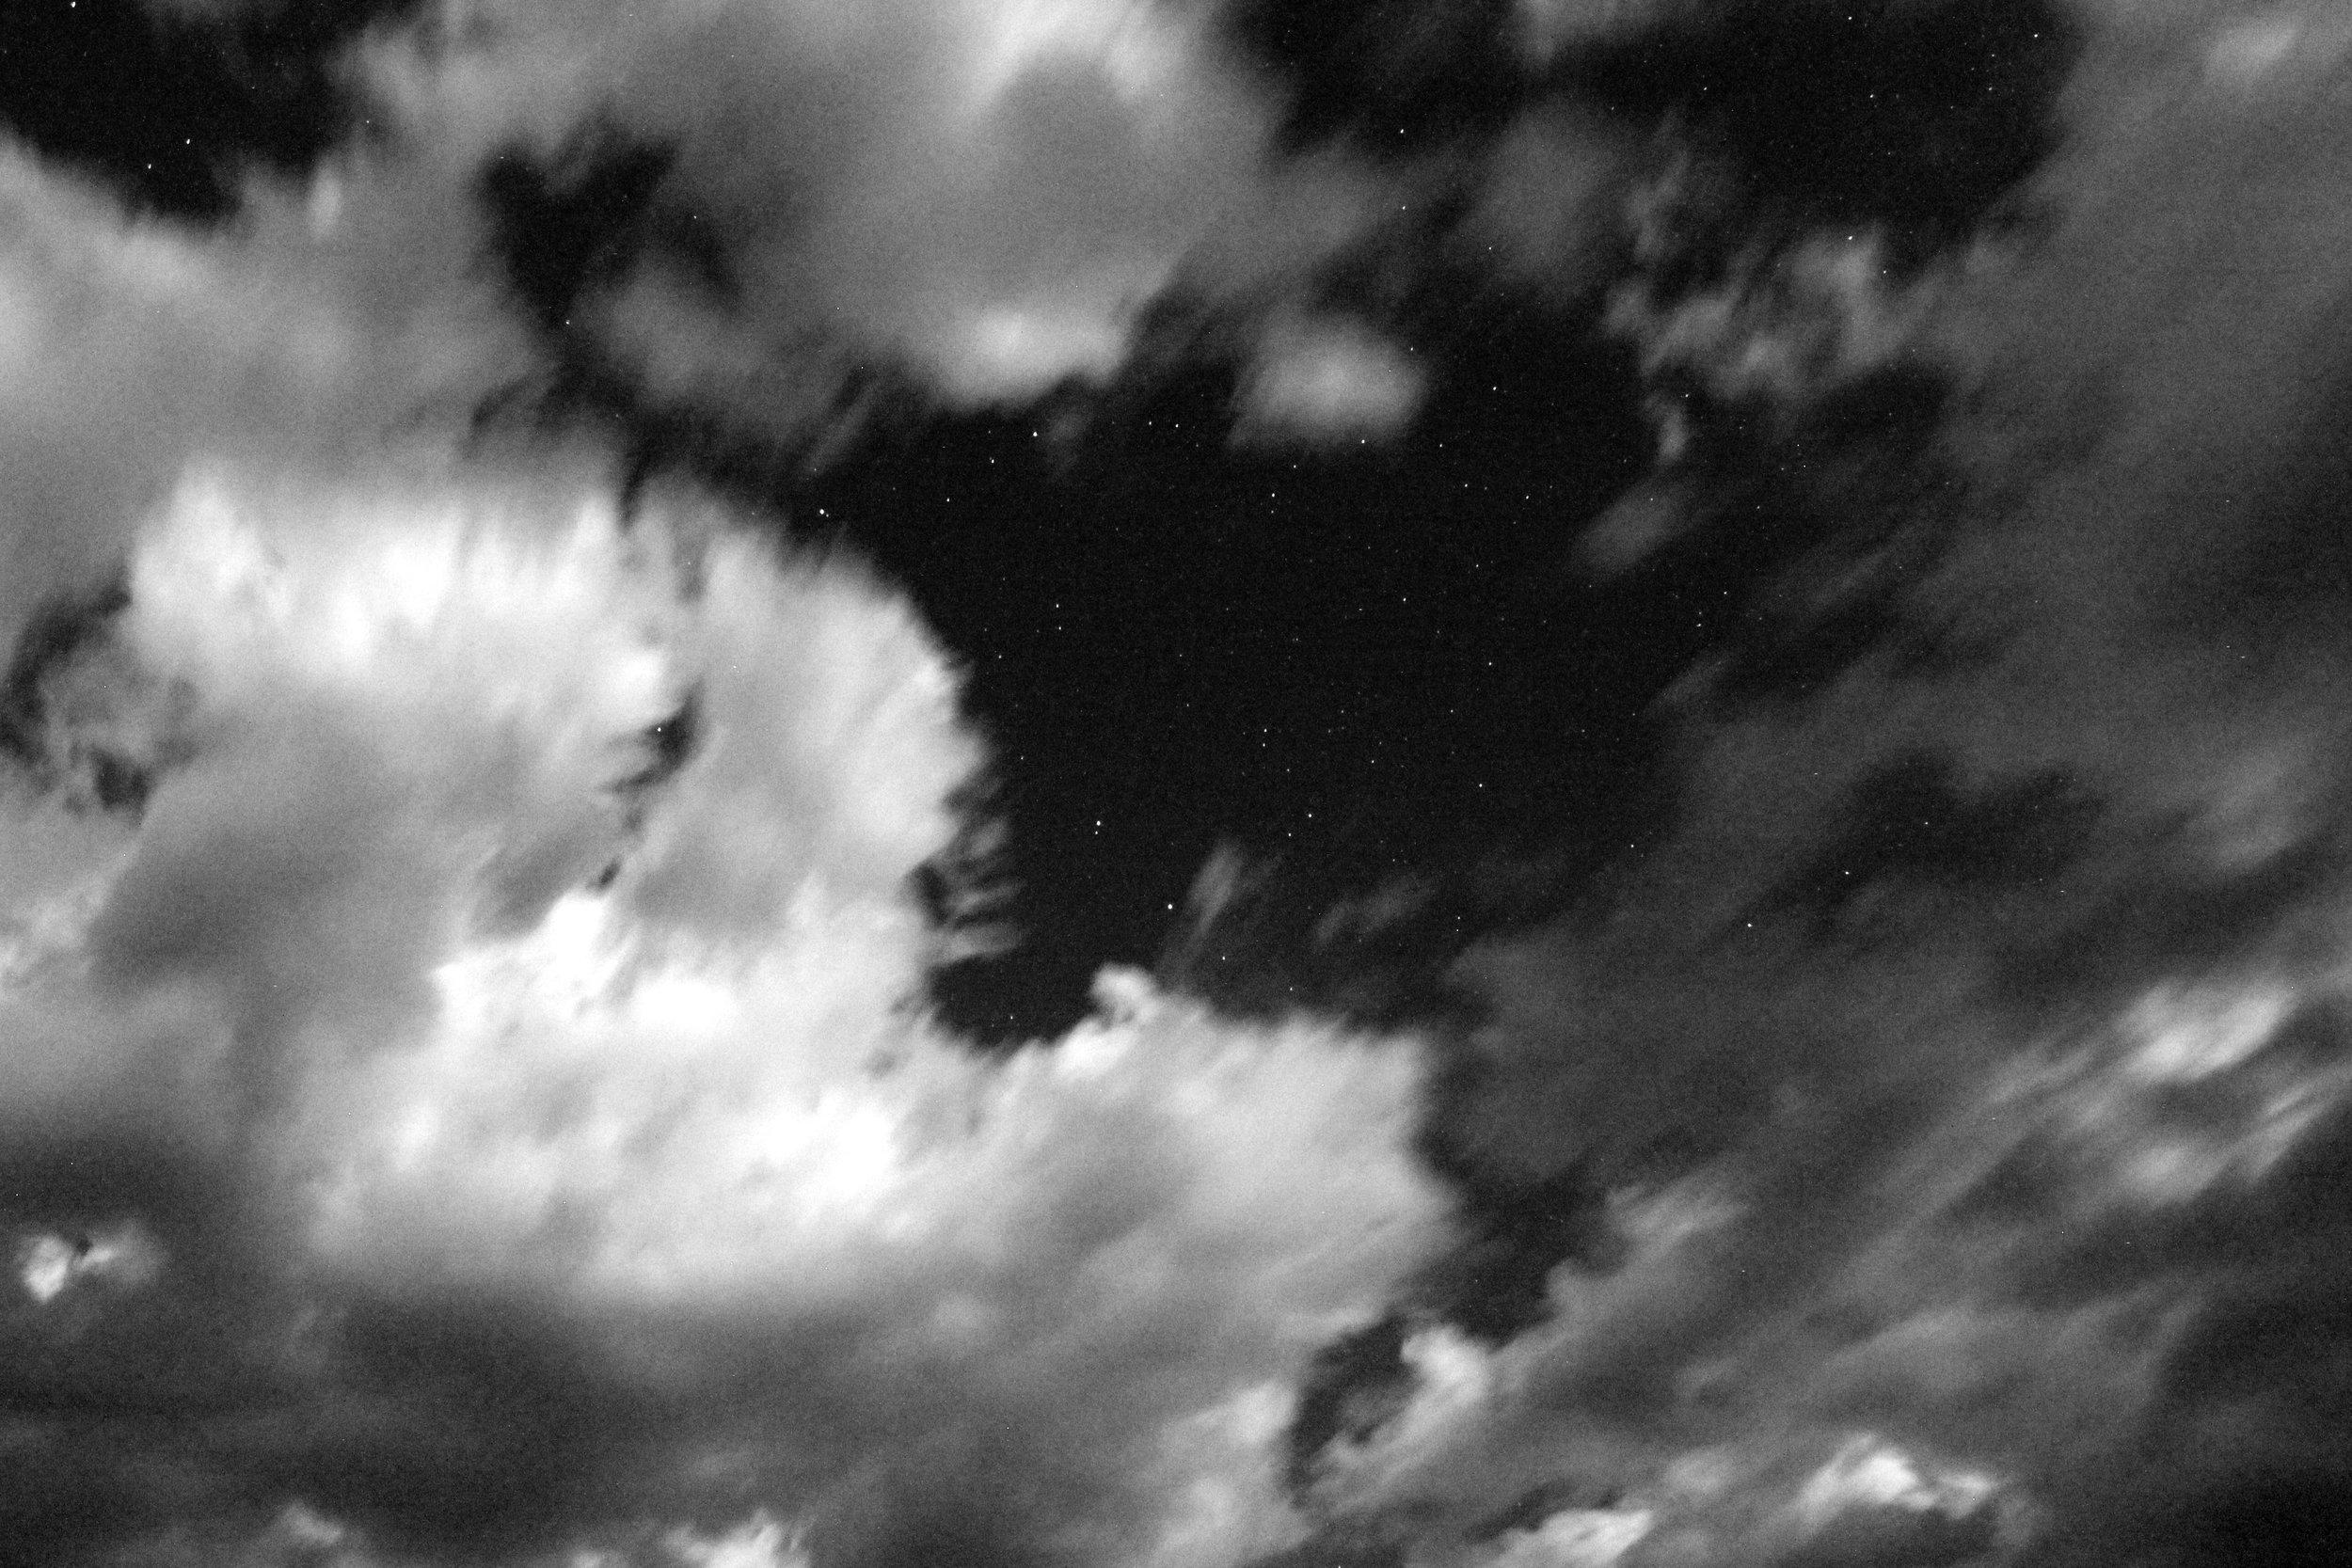 2012 - New Mexico Night Sky